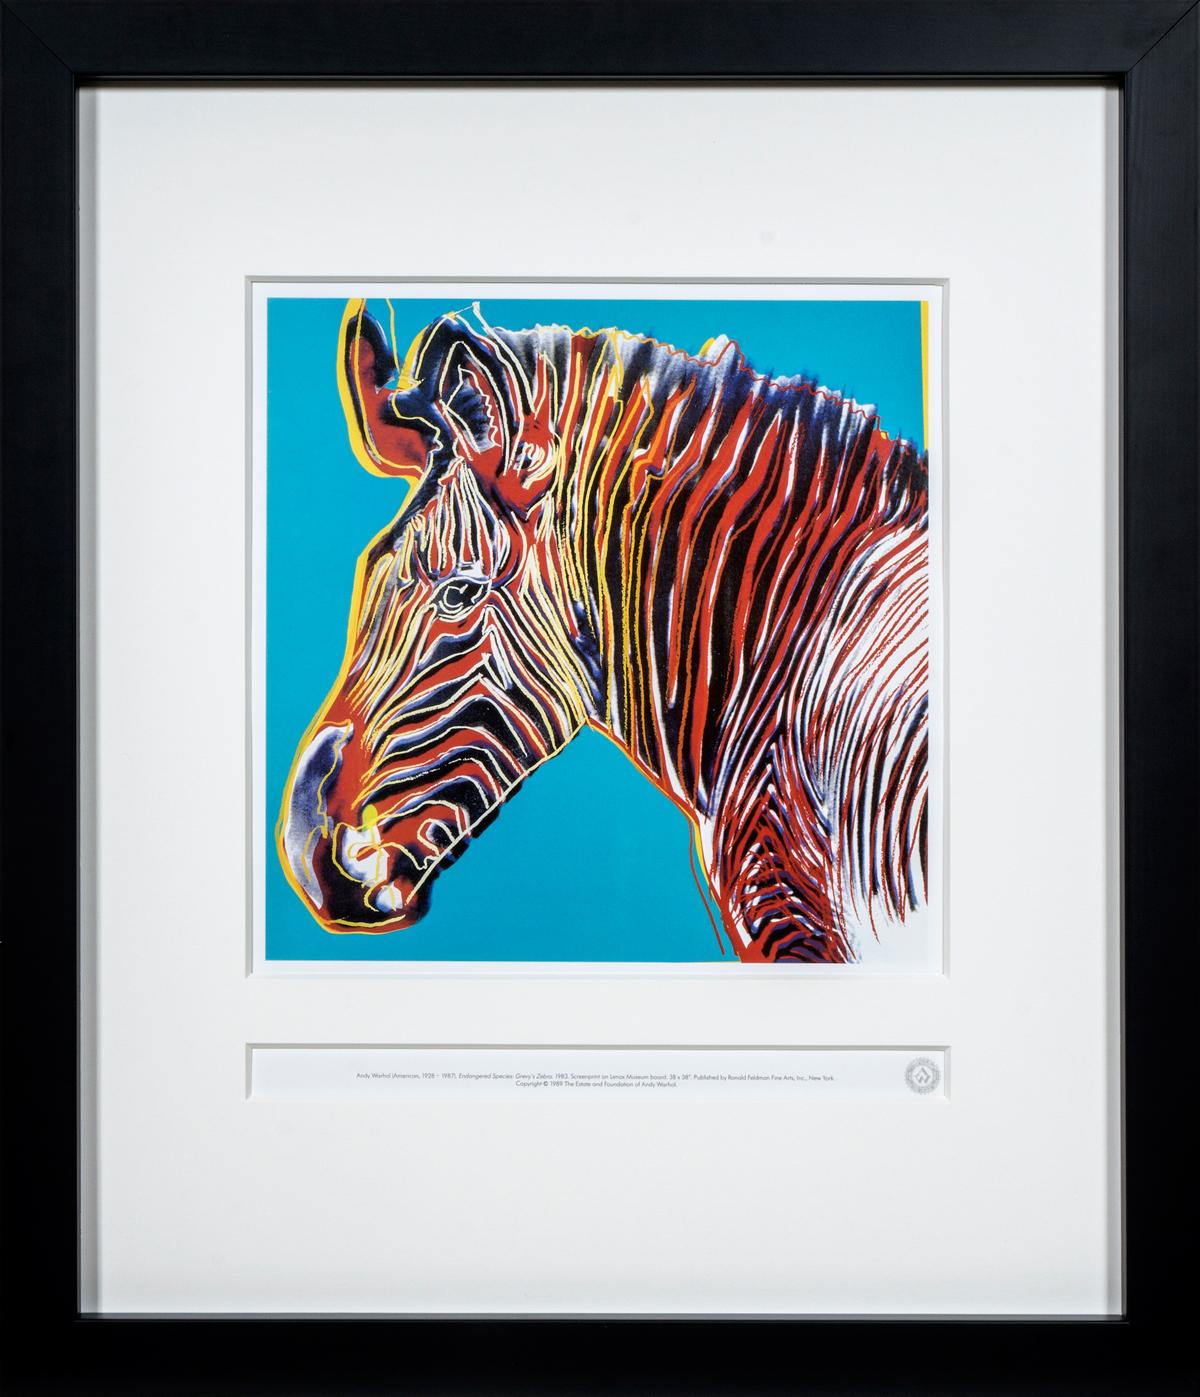 Grevy's Zebra in frame